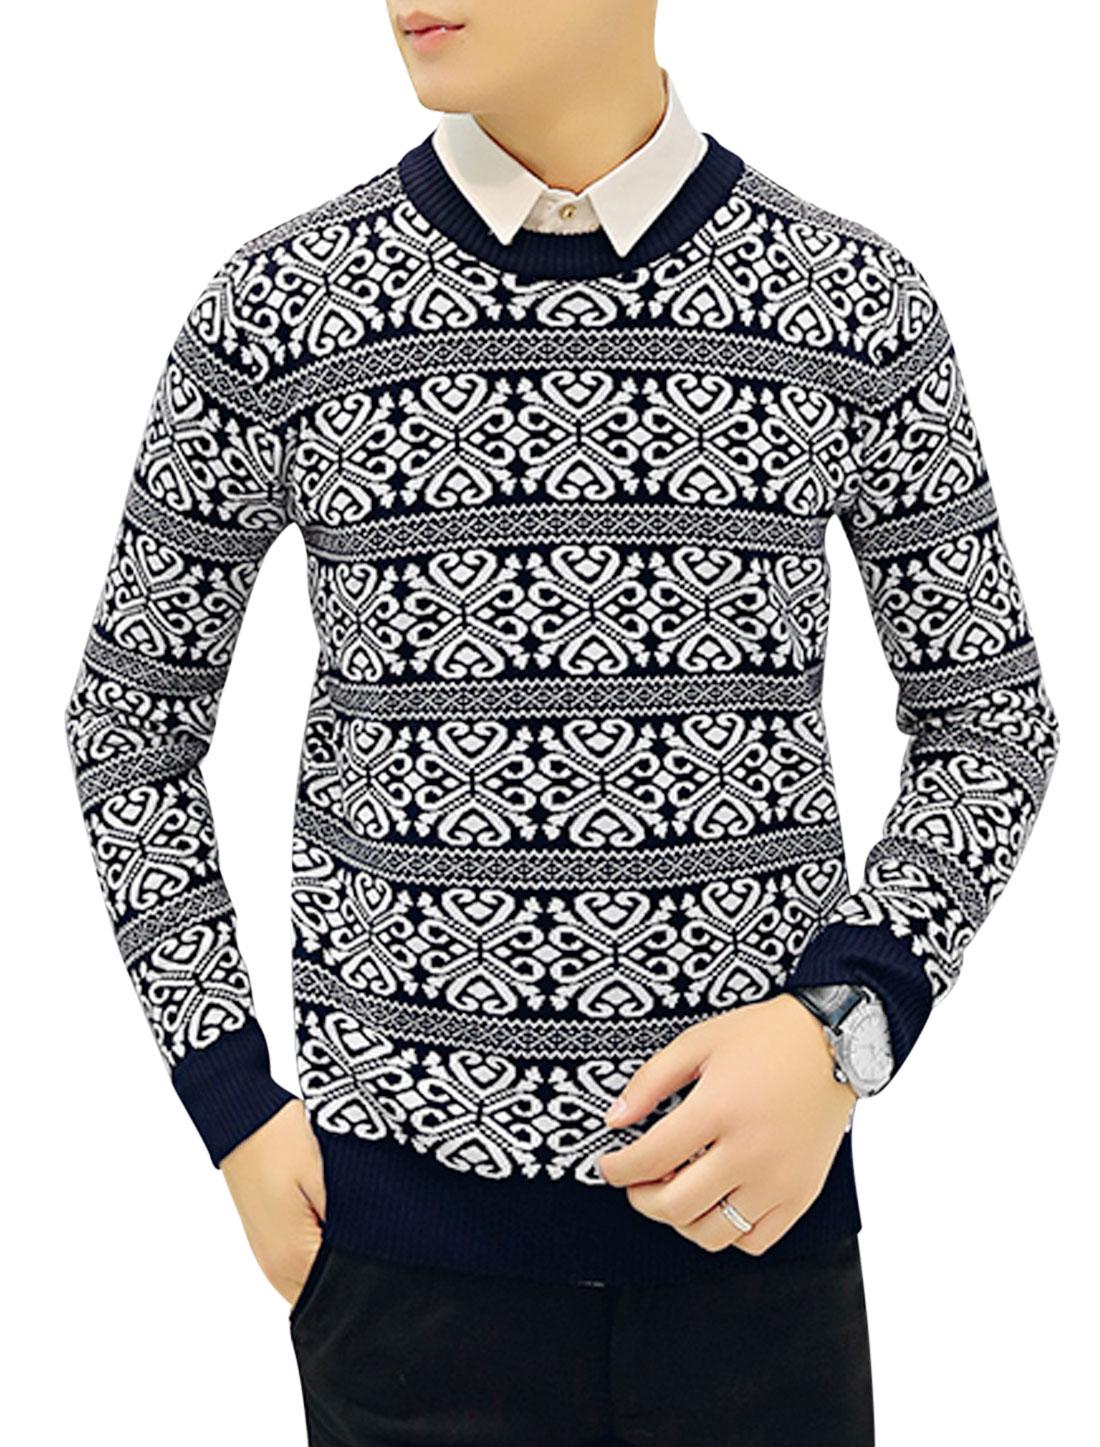 Men Jacquard Strips Crew Neck Slipover Knit Shirt Navy Blue White S